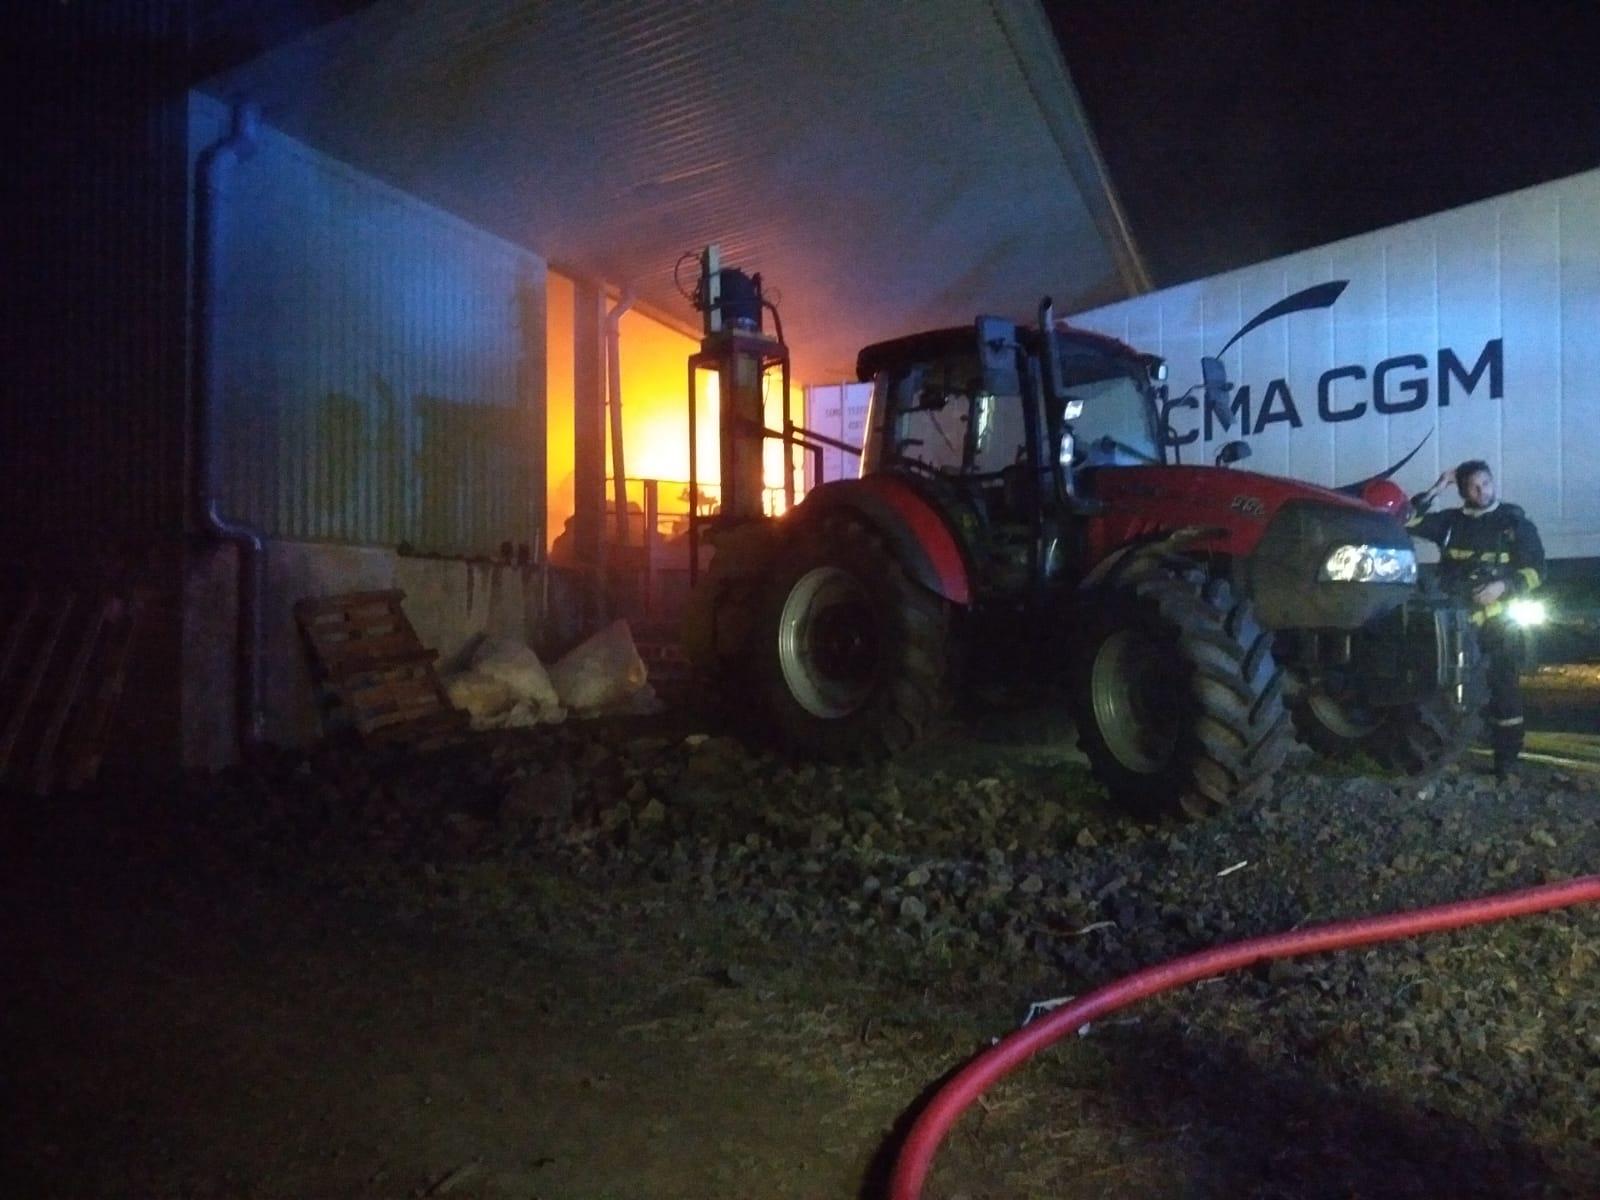 Incendie dans un hangar à banane au François